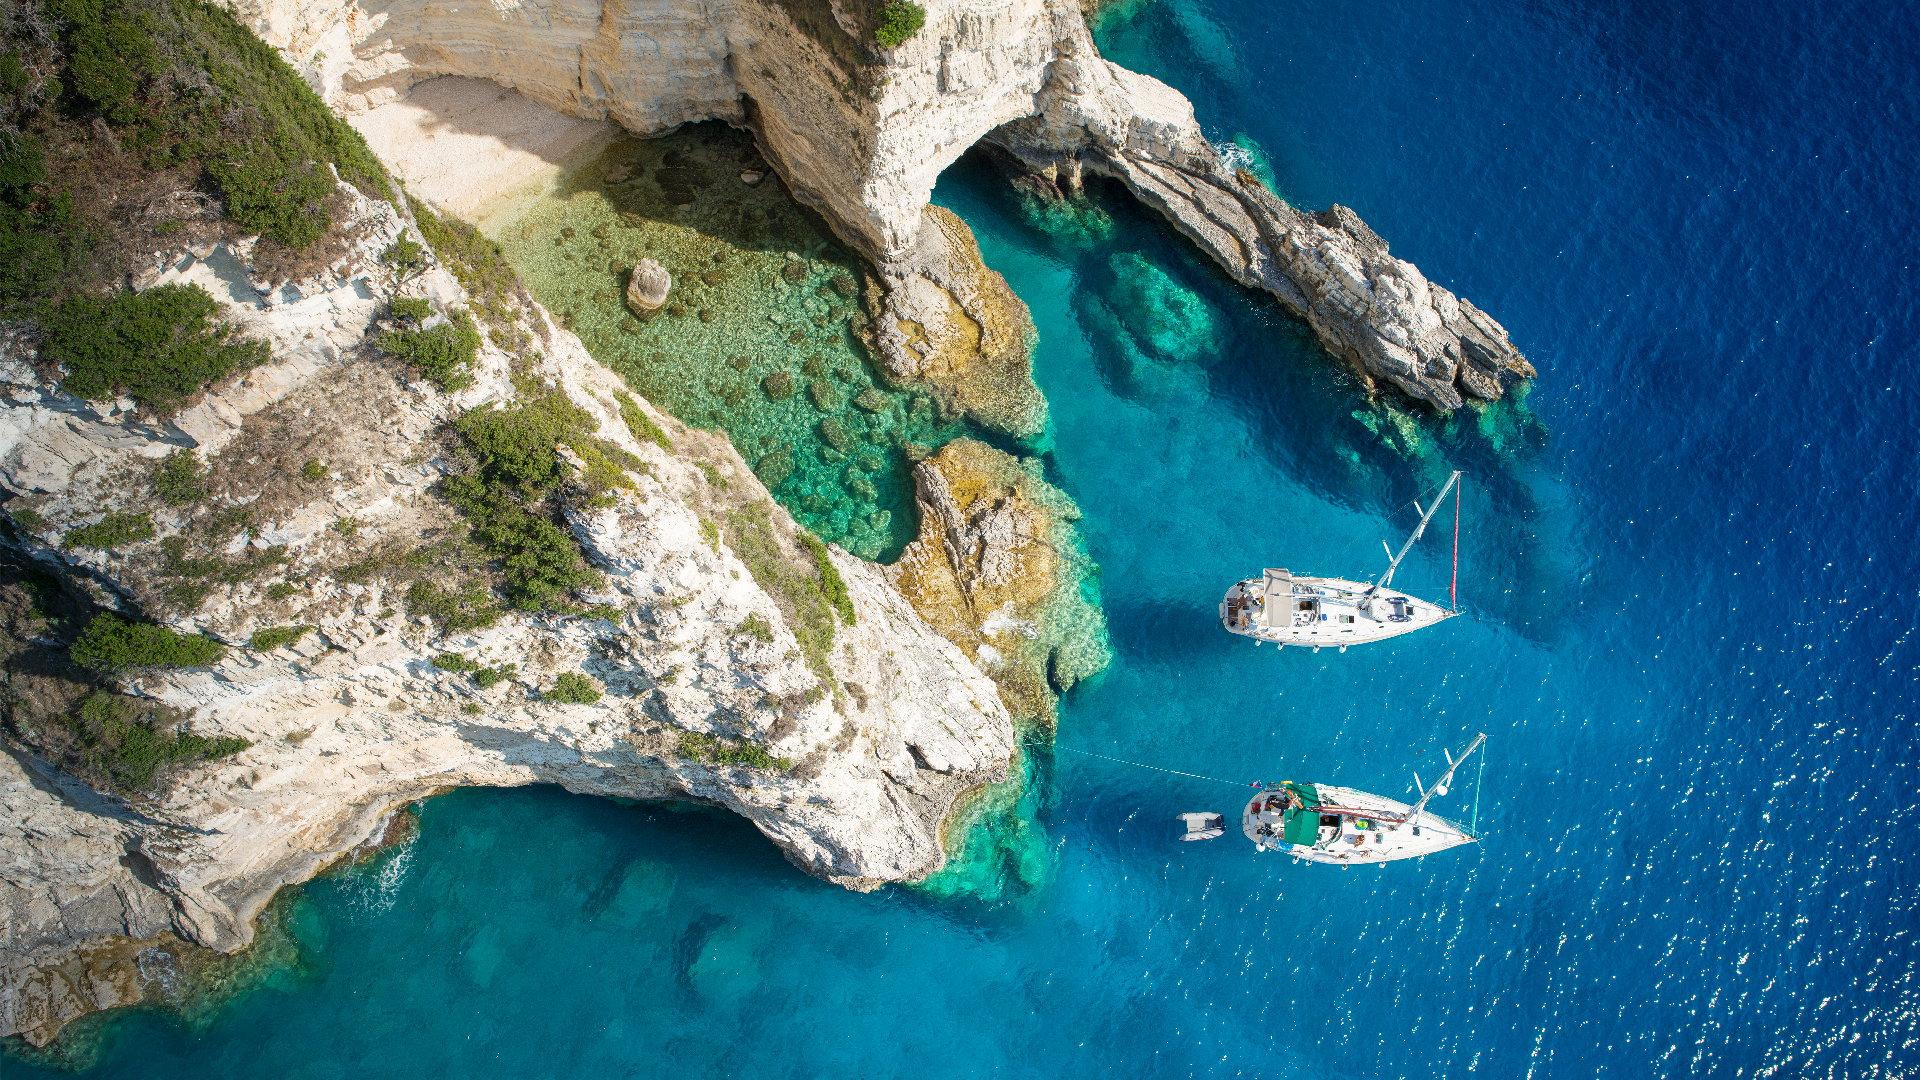 Mapy Řecka a řeckých ostrovů – Ke stažení ve vysoké kvalitě